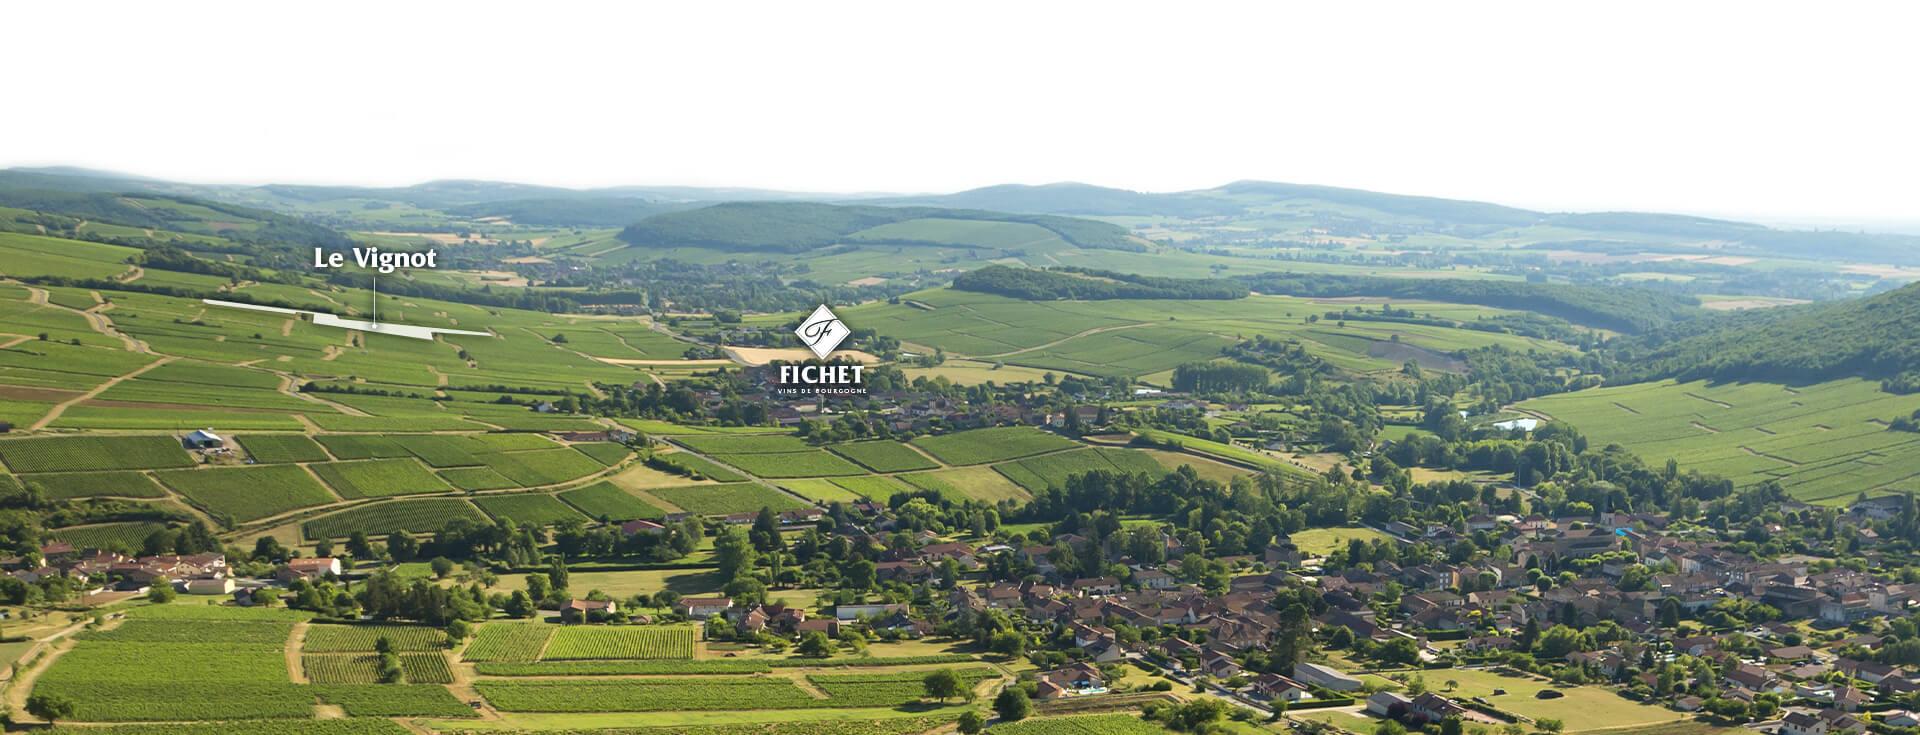 parcelle Le Vignot du Domaine FICHET